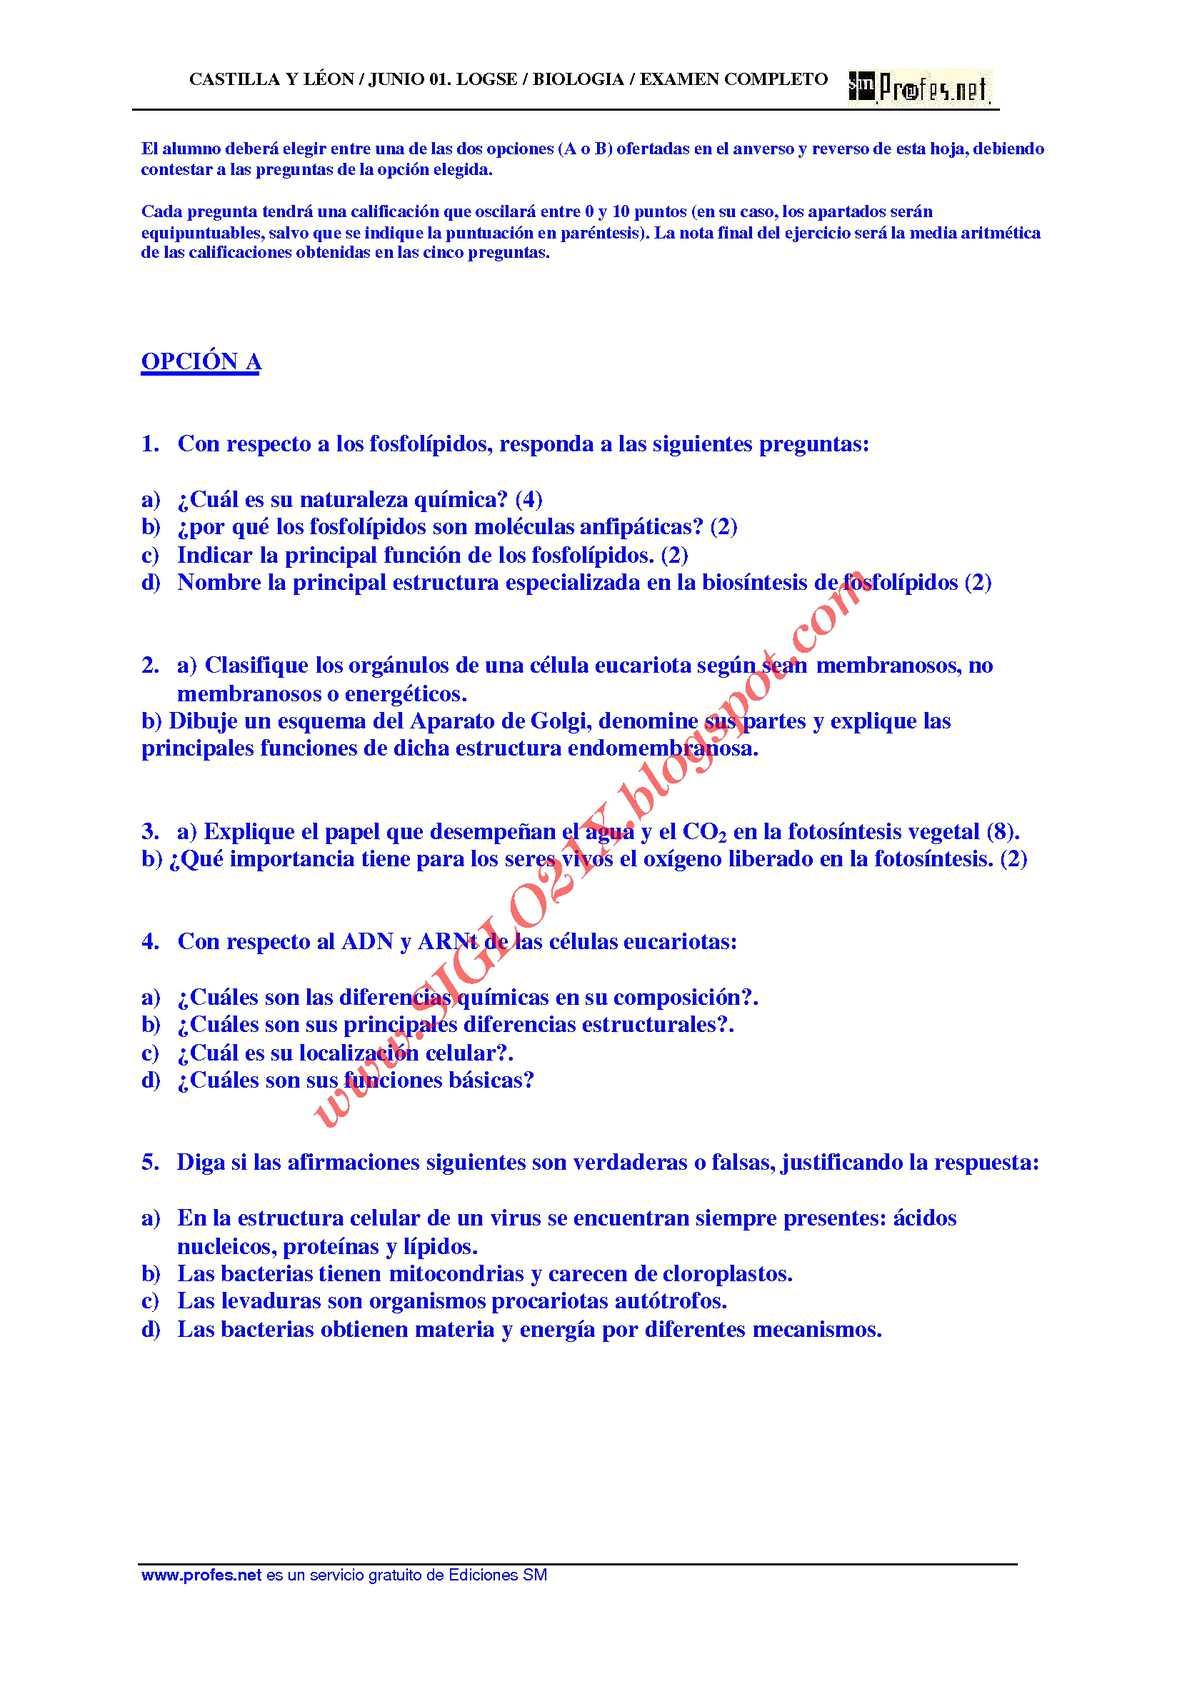 Calaméo Biologia Selectividad Examen 6 Resuelto Castilla Y